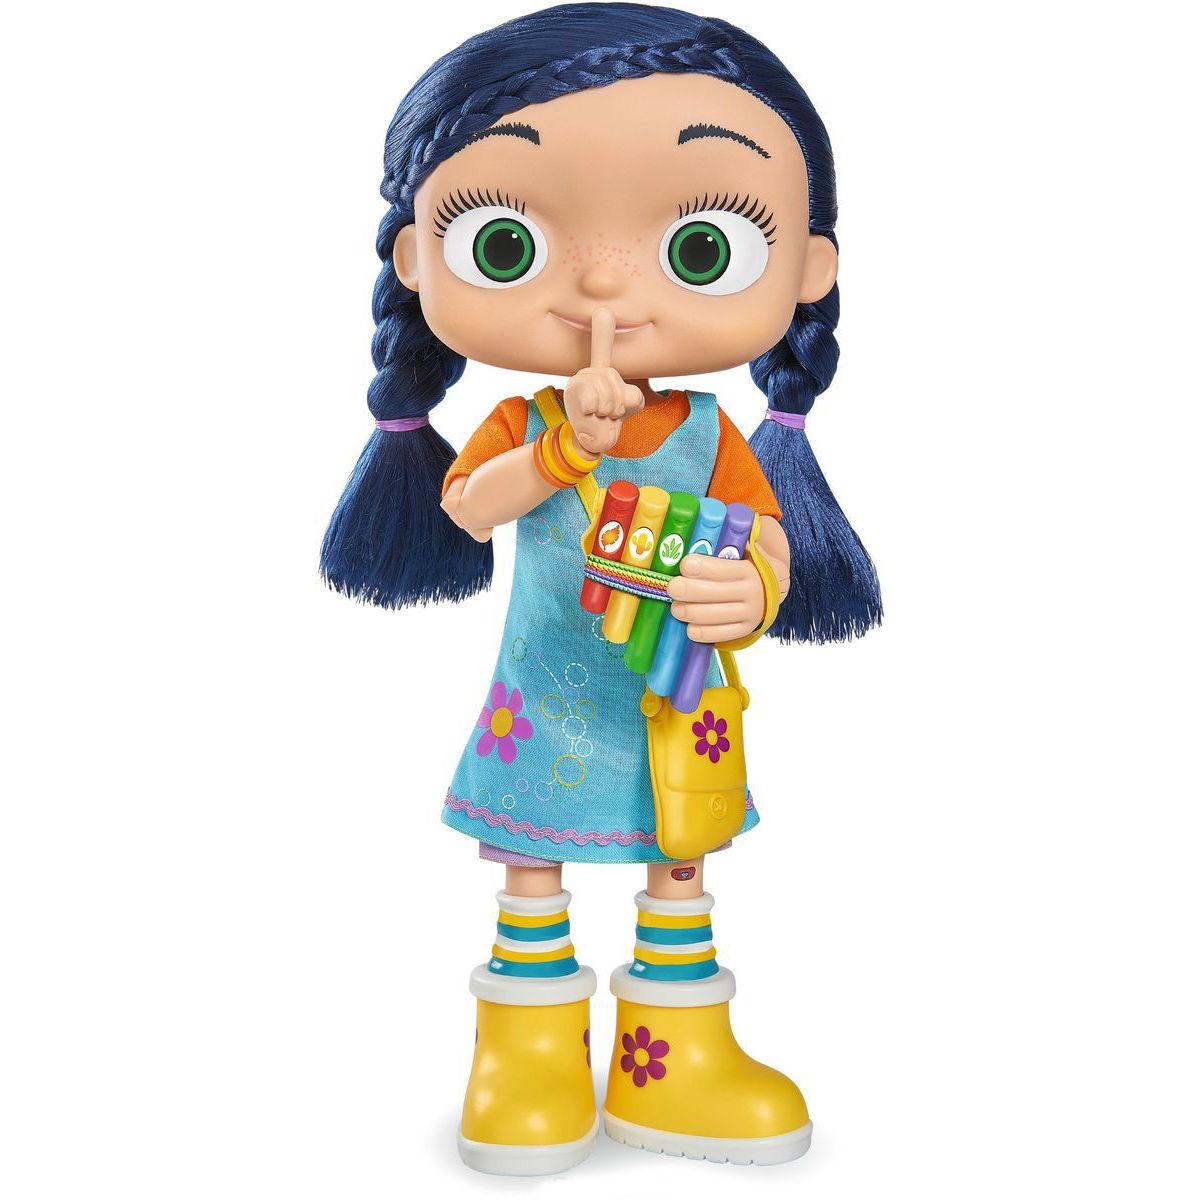 Интерактивная кукла Висспер, 34 смИнтерактивные куклы<br>Интерактивная кукла Висспер, 34 см<br>